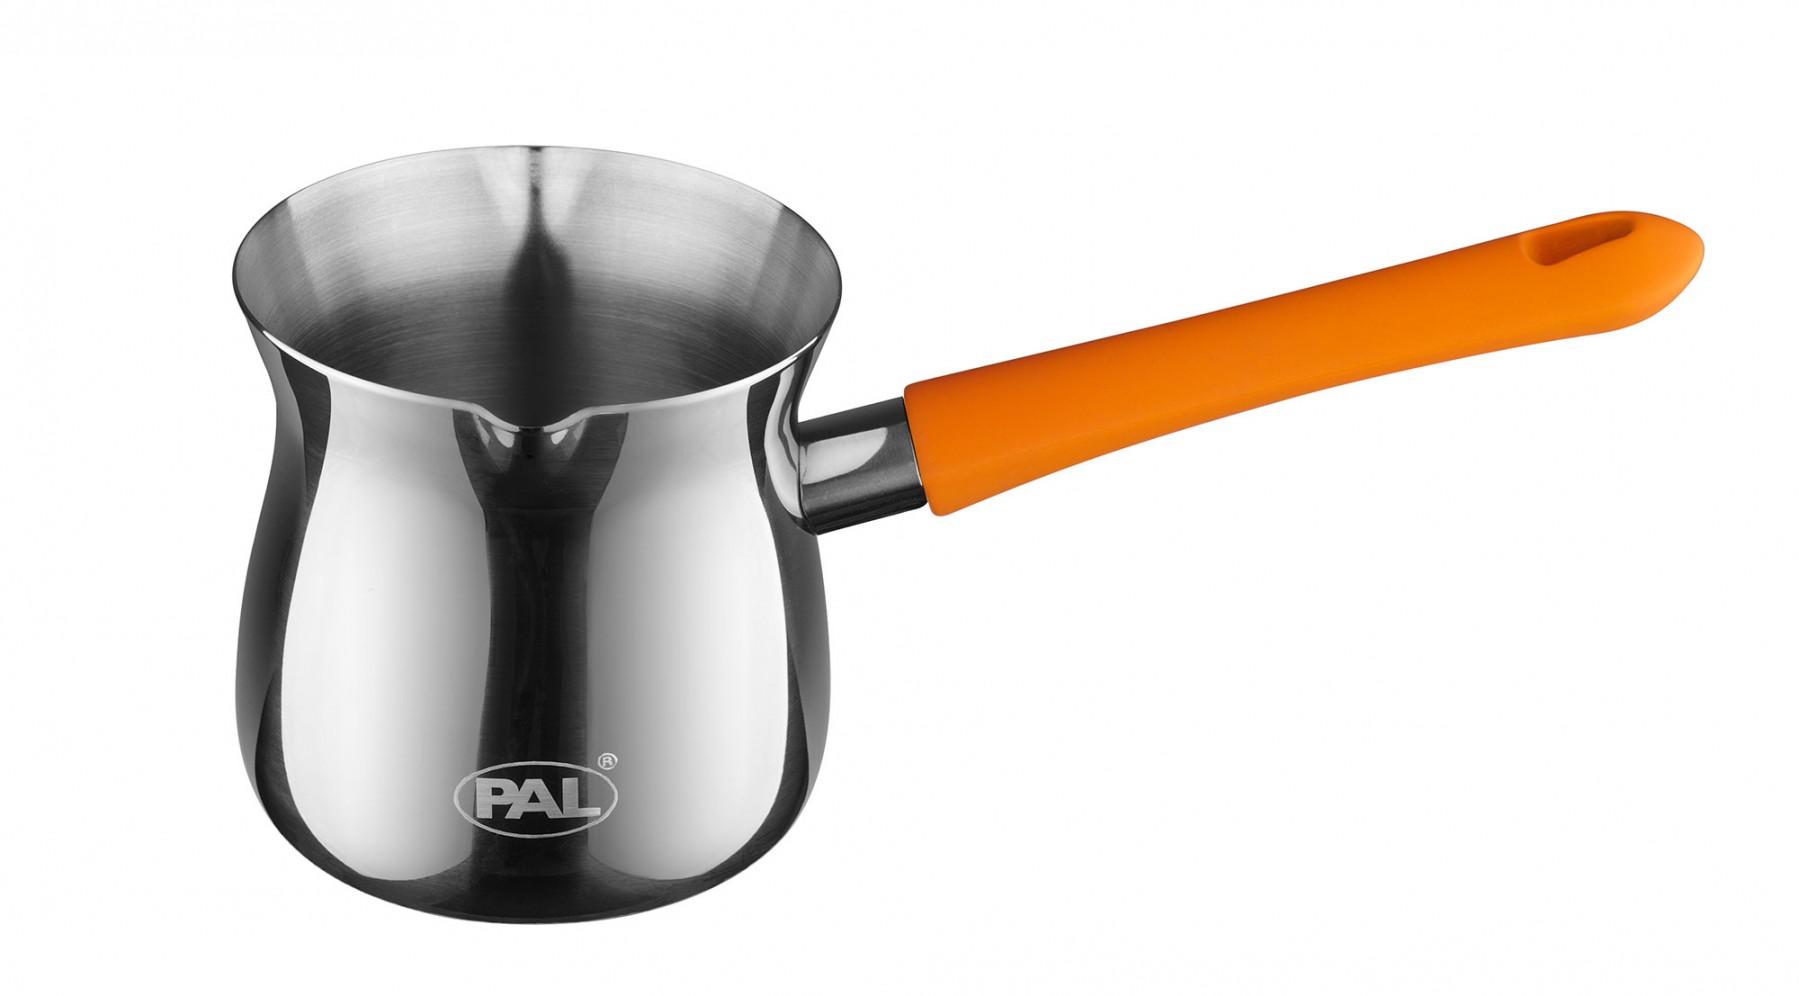 Μπρίκι Ανoξείδωτο PAL Titanium 18/8 No10 500ml PAL Colors 50000512 Πορτοκαλί